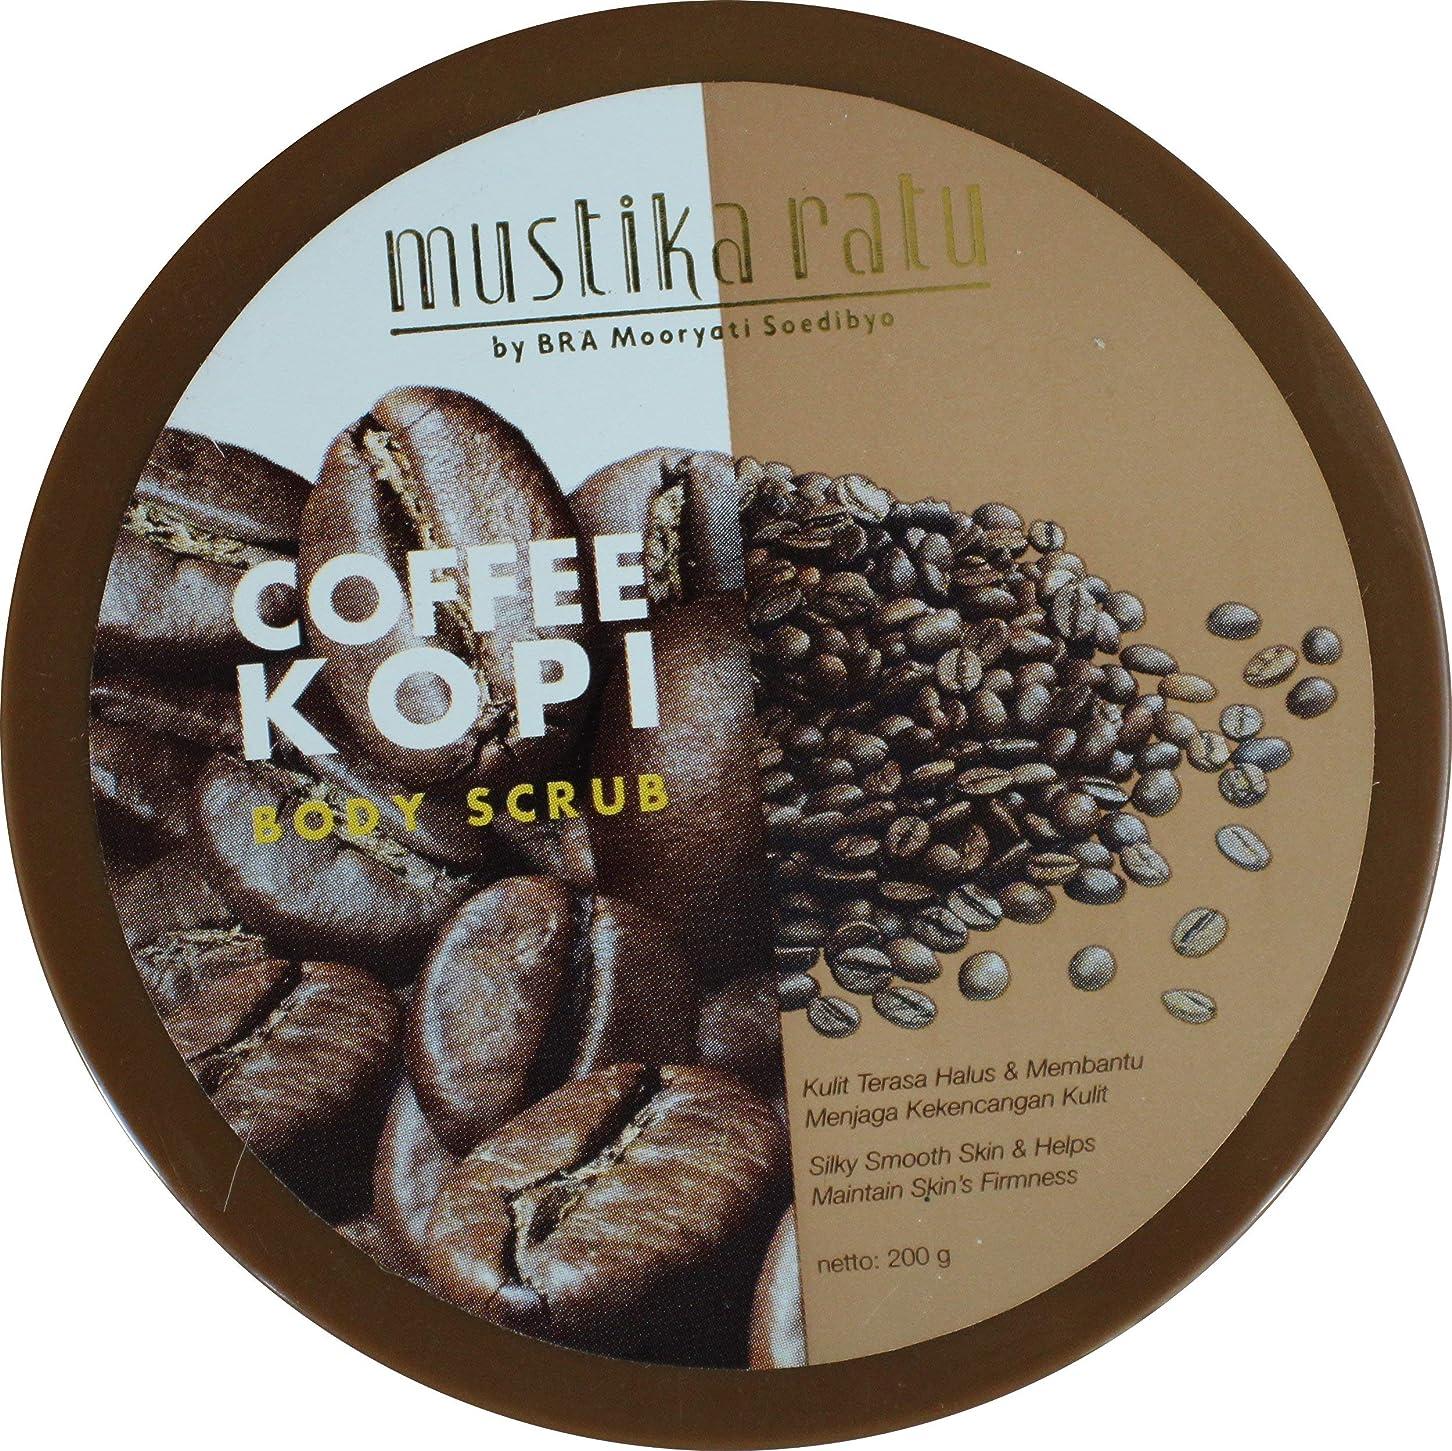 高尚な担保いうMustika Ratu インドネシア200グラム単位でのコーヒーボディスクラップ